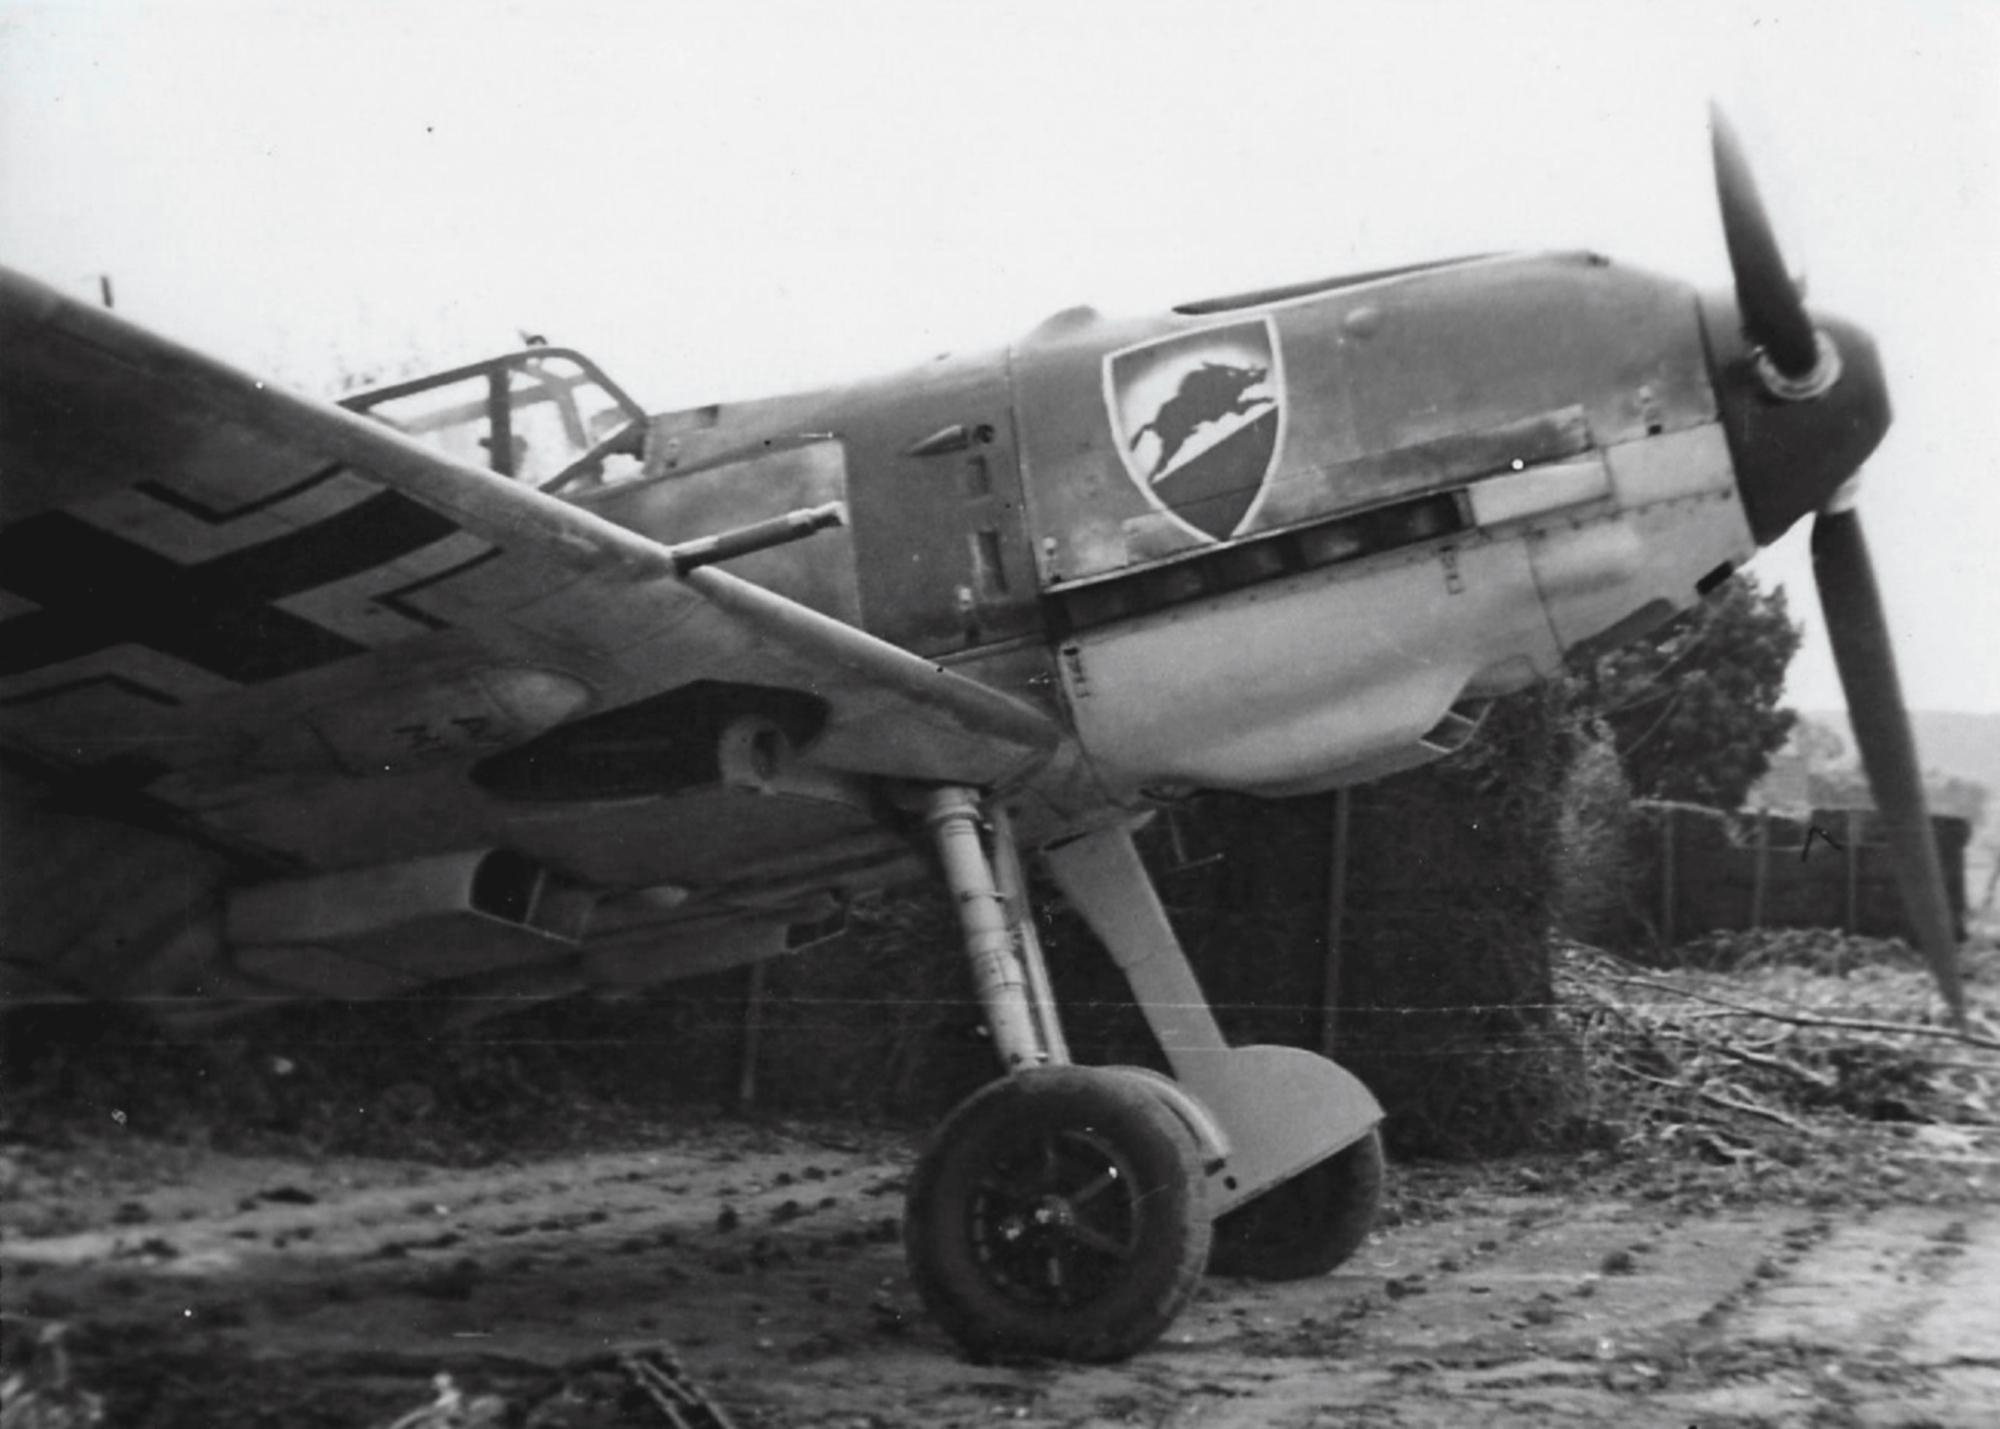 Messerschmitt Bf 109E4 1.JG52 showing emblem on right side ebay 01